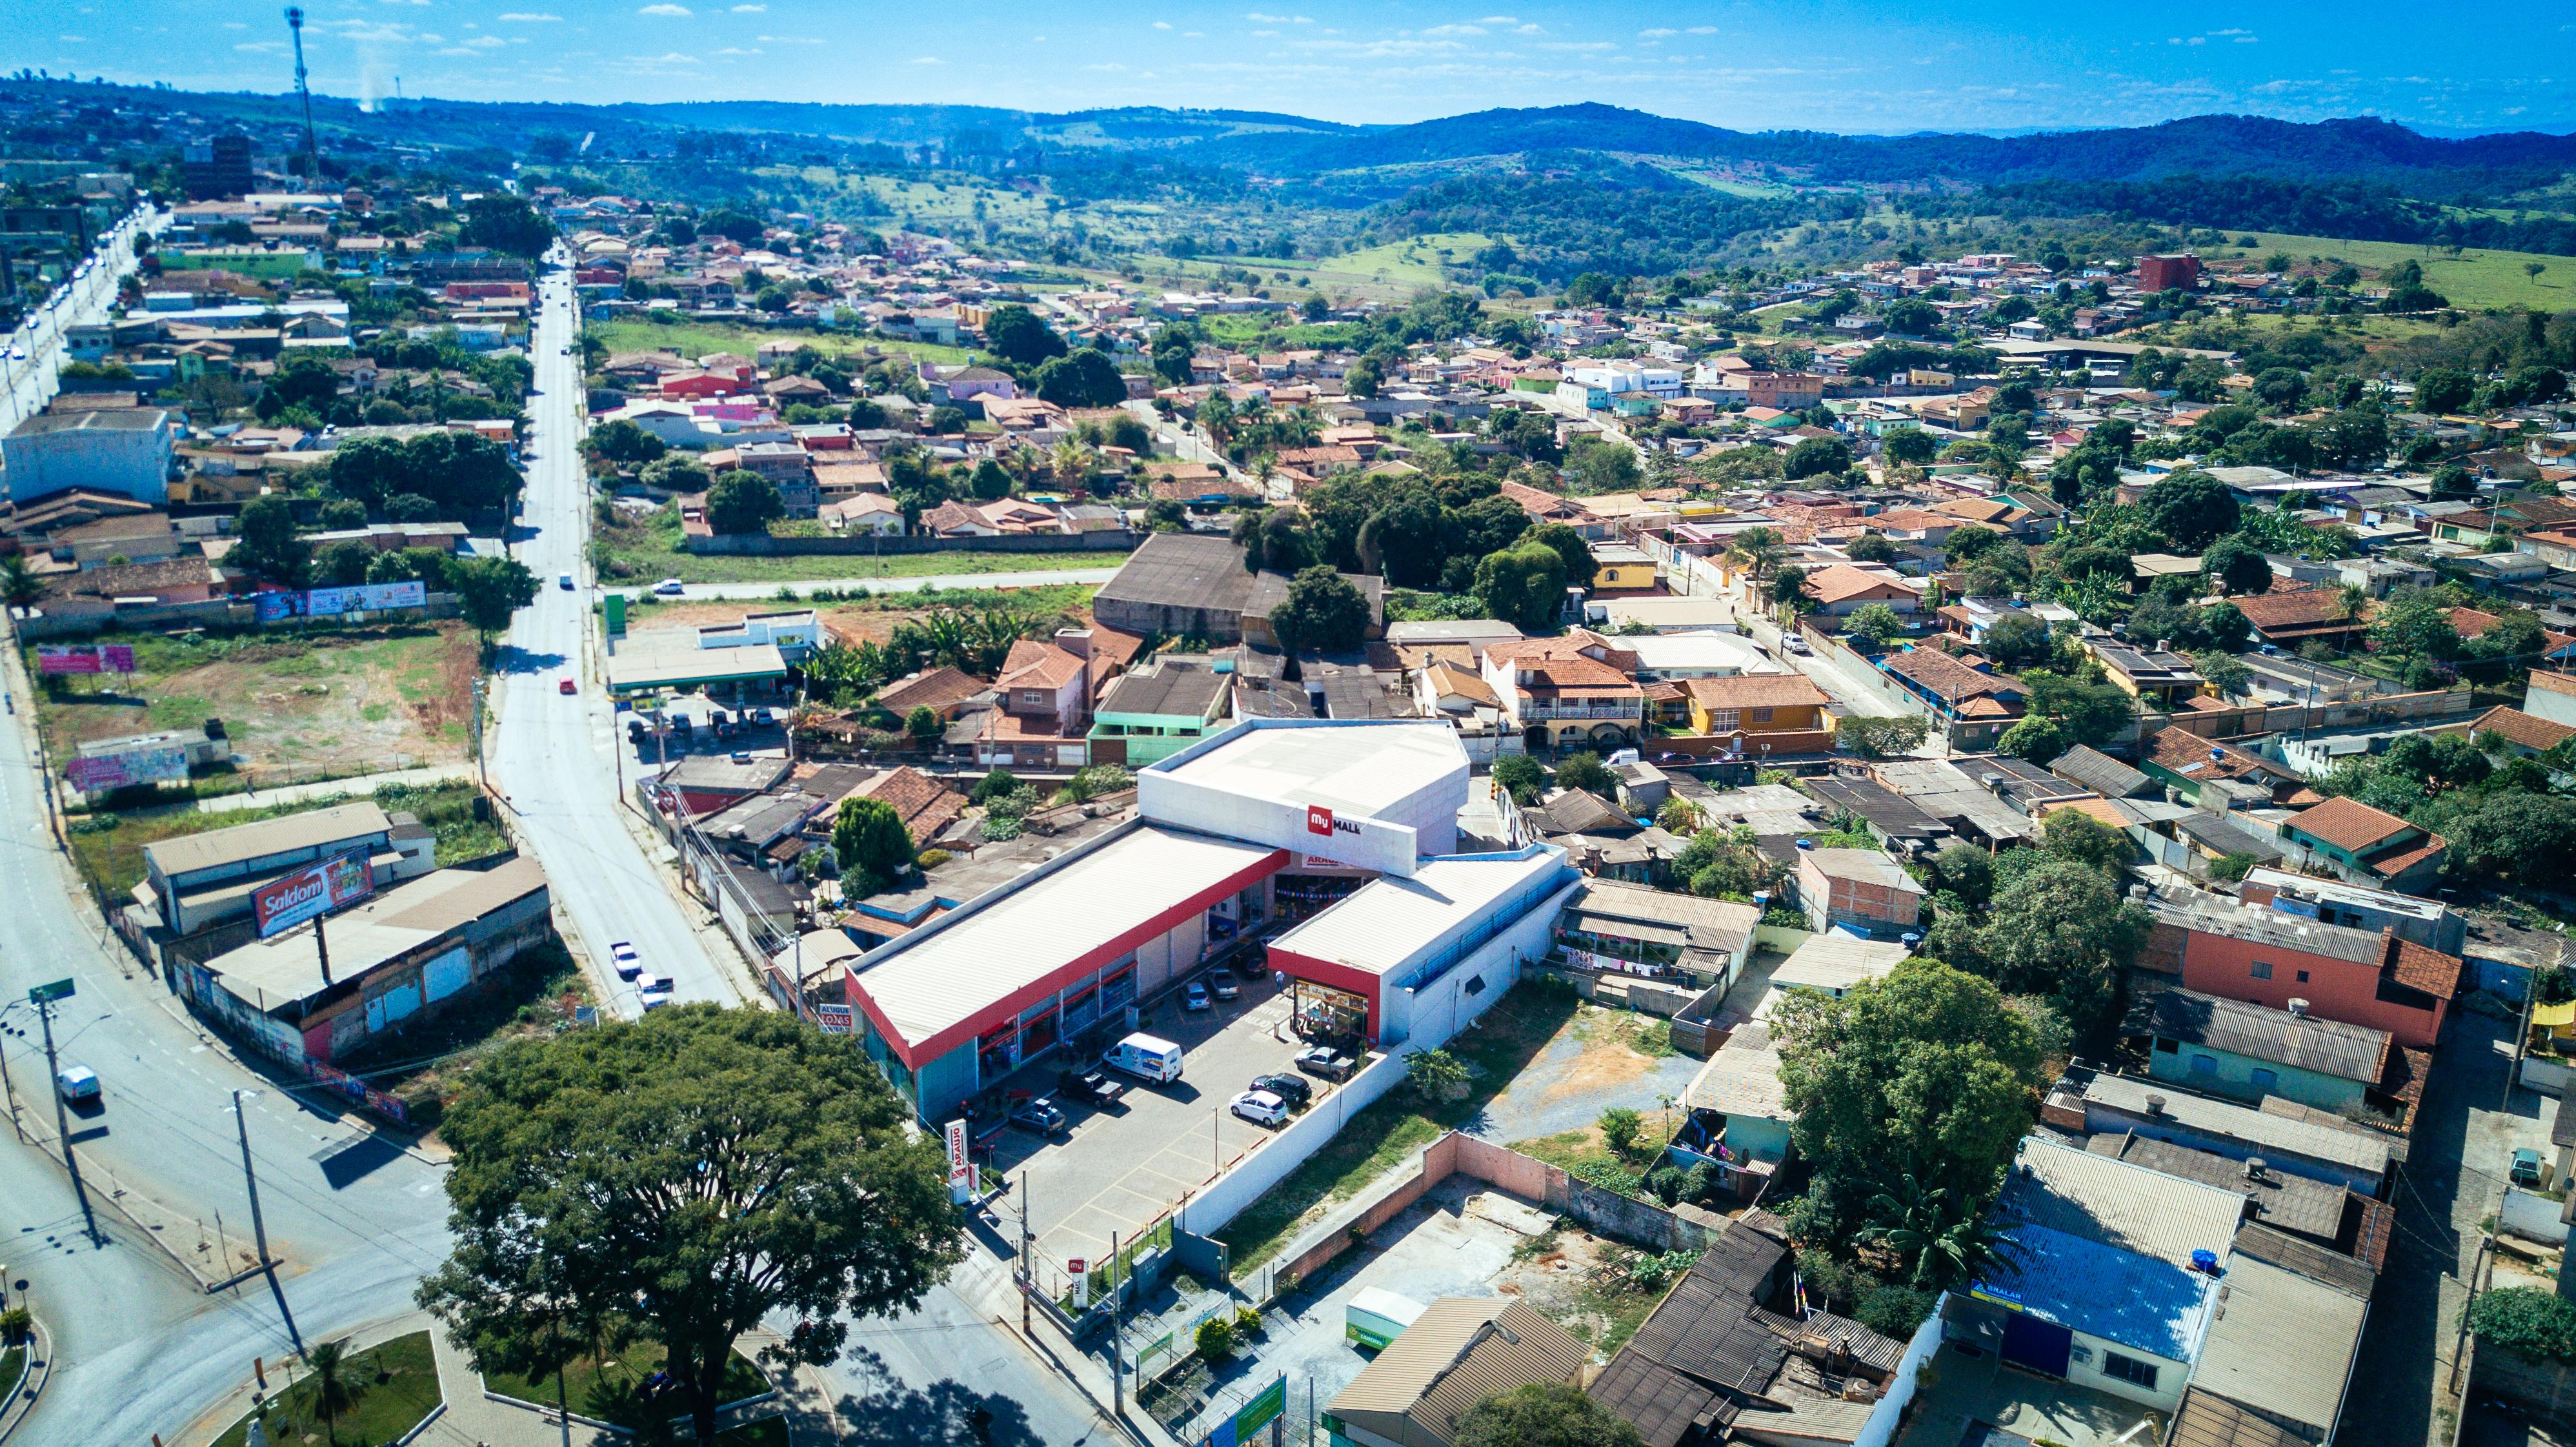 Matozinhos Minas Gerais fonte: www.mymall.com.br